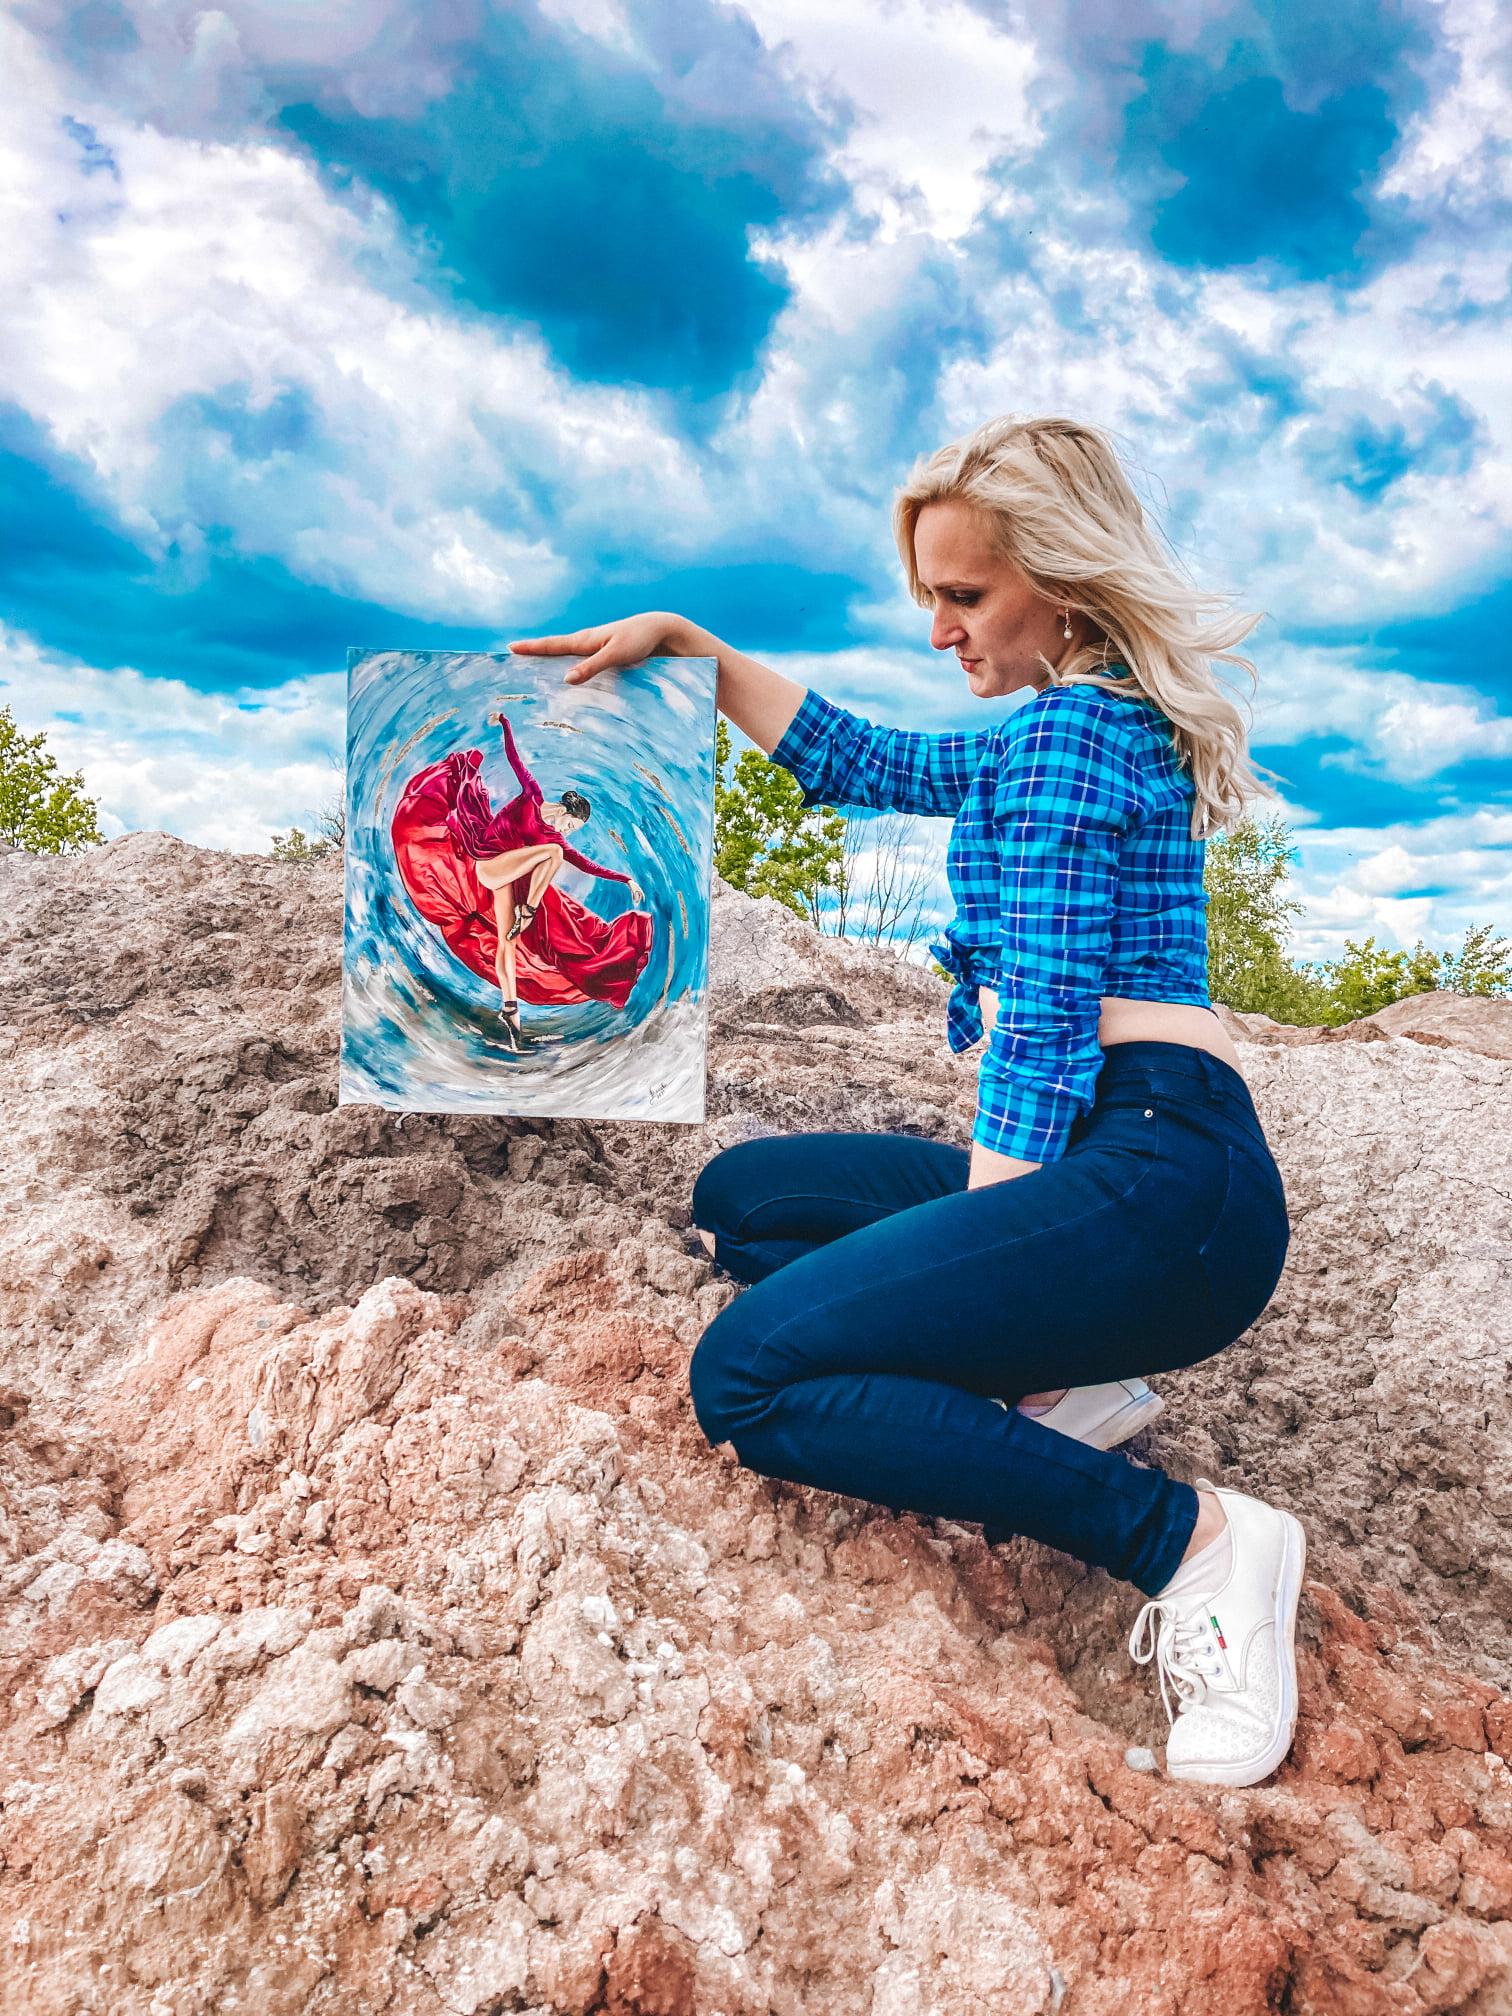 Молода кропивницька художниця продає картини, щоб врятувати найрiднiшу людину